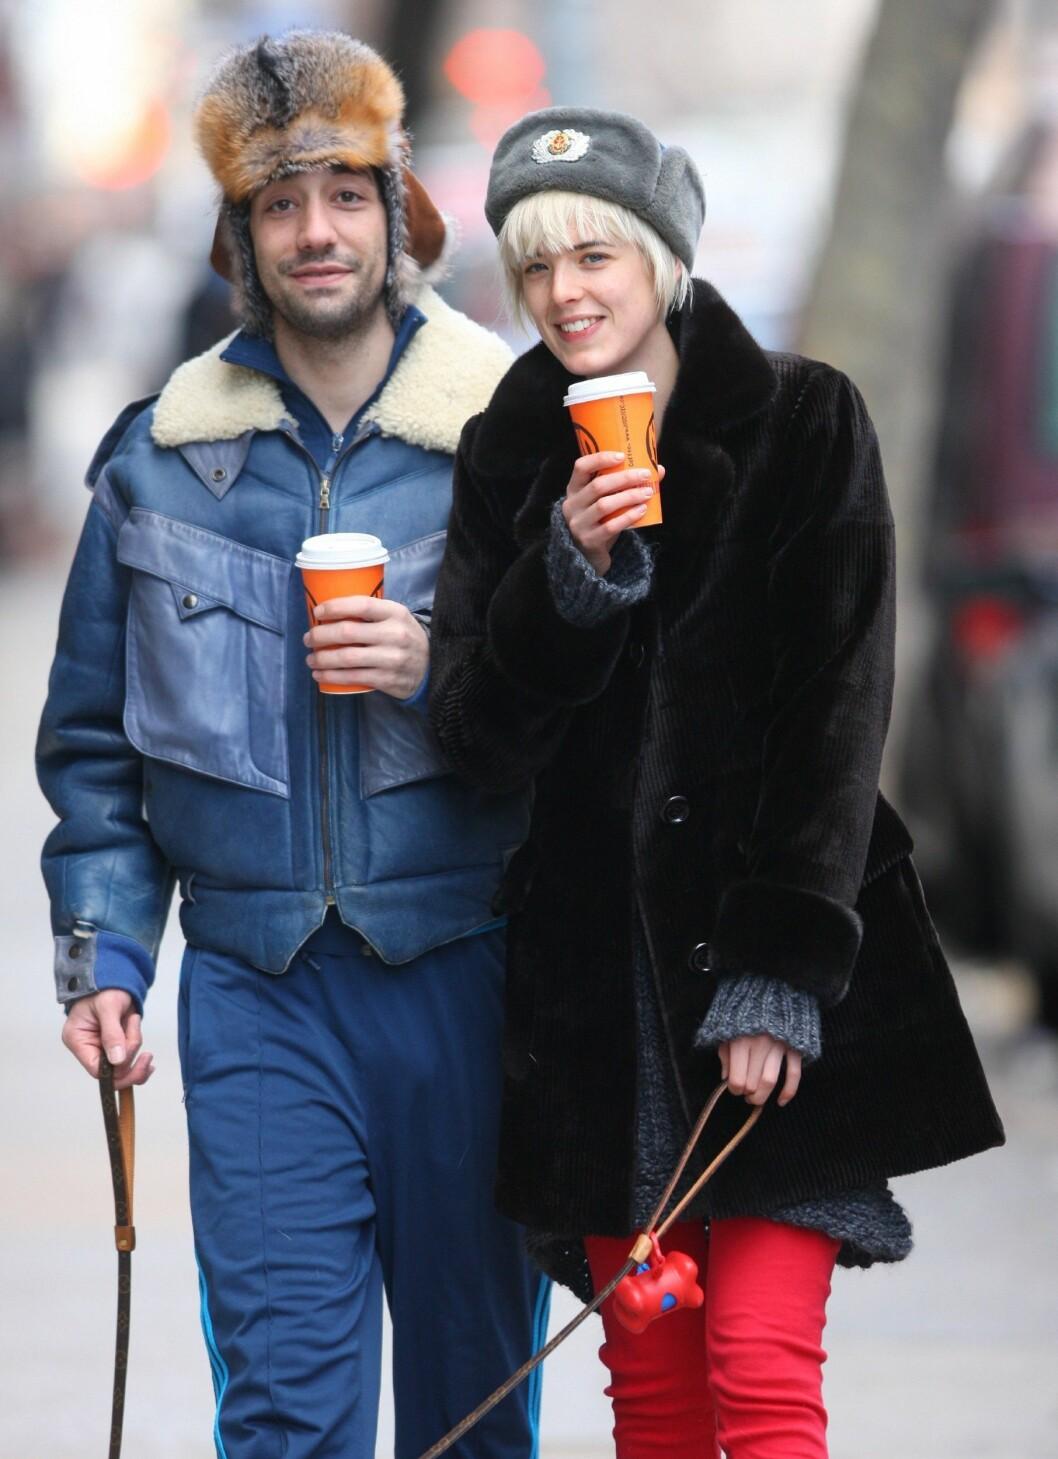 Det er ikke bare hundebåndet og kaffekruset som står i stil når hipsterparet Agyness Deyn og Albert Hammond skal ut på tur.  Foto: All Over Press